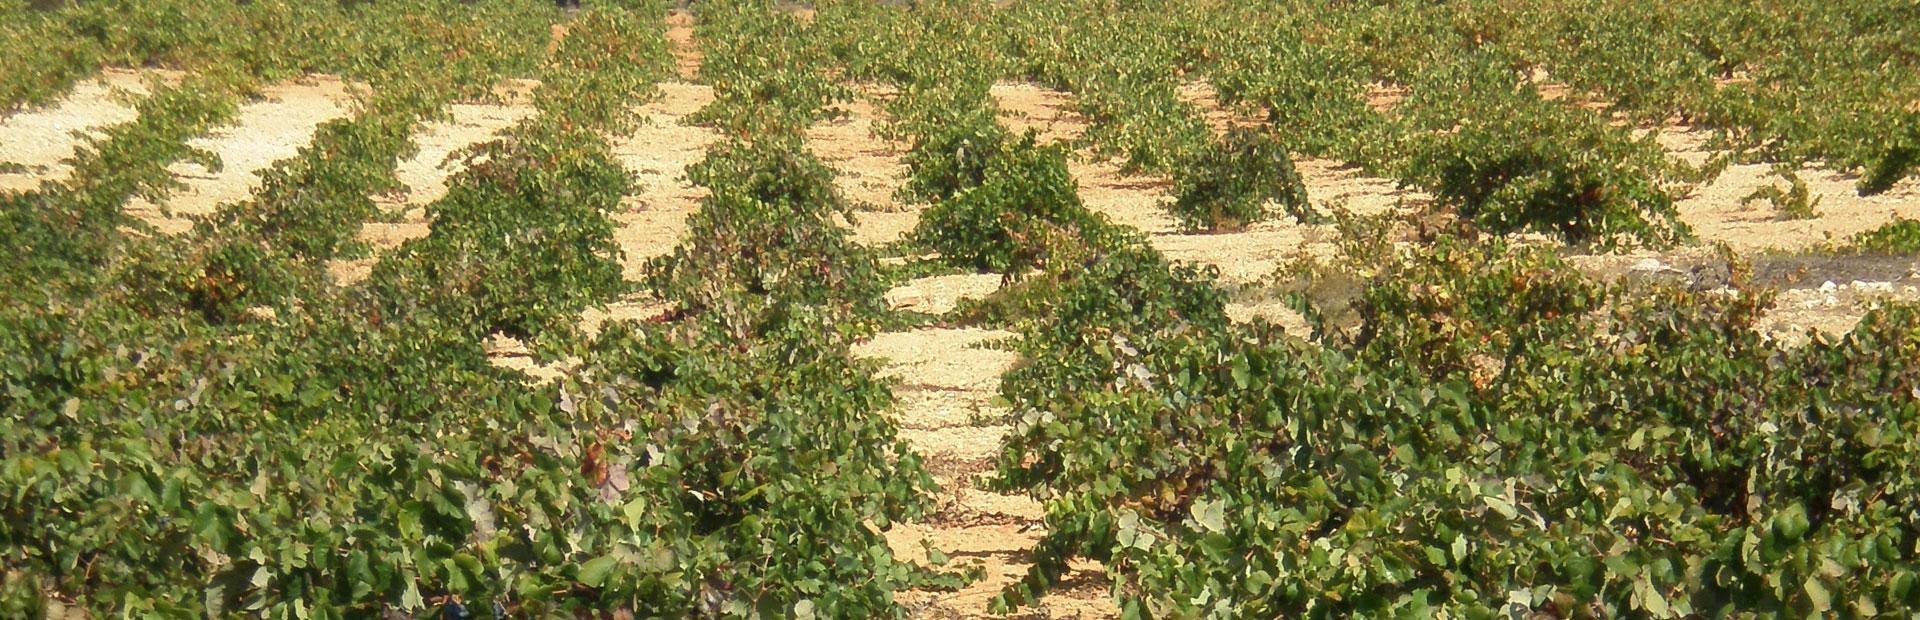 Variedad de uva Pintailla